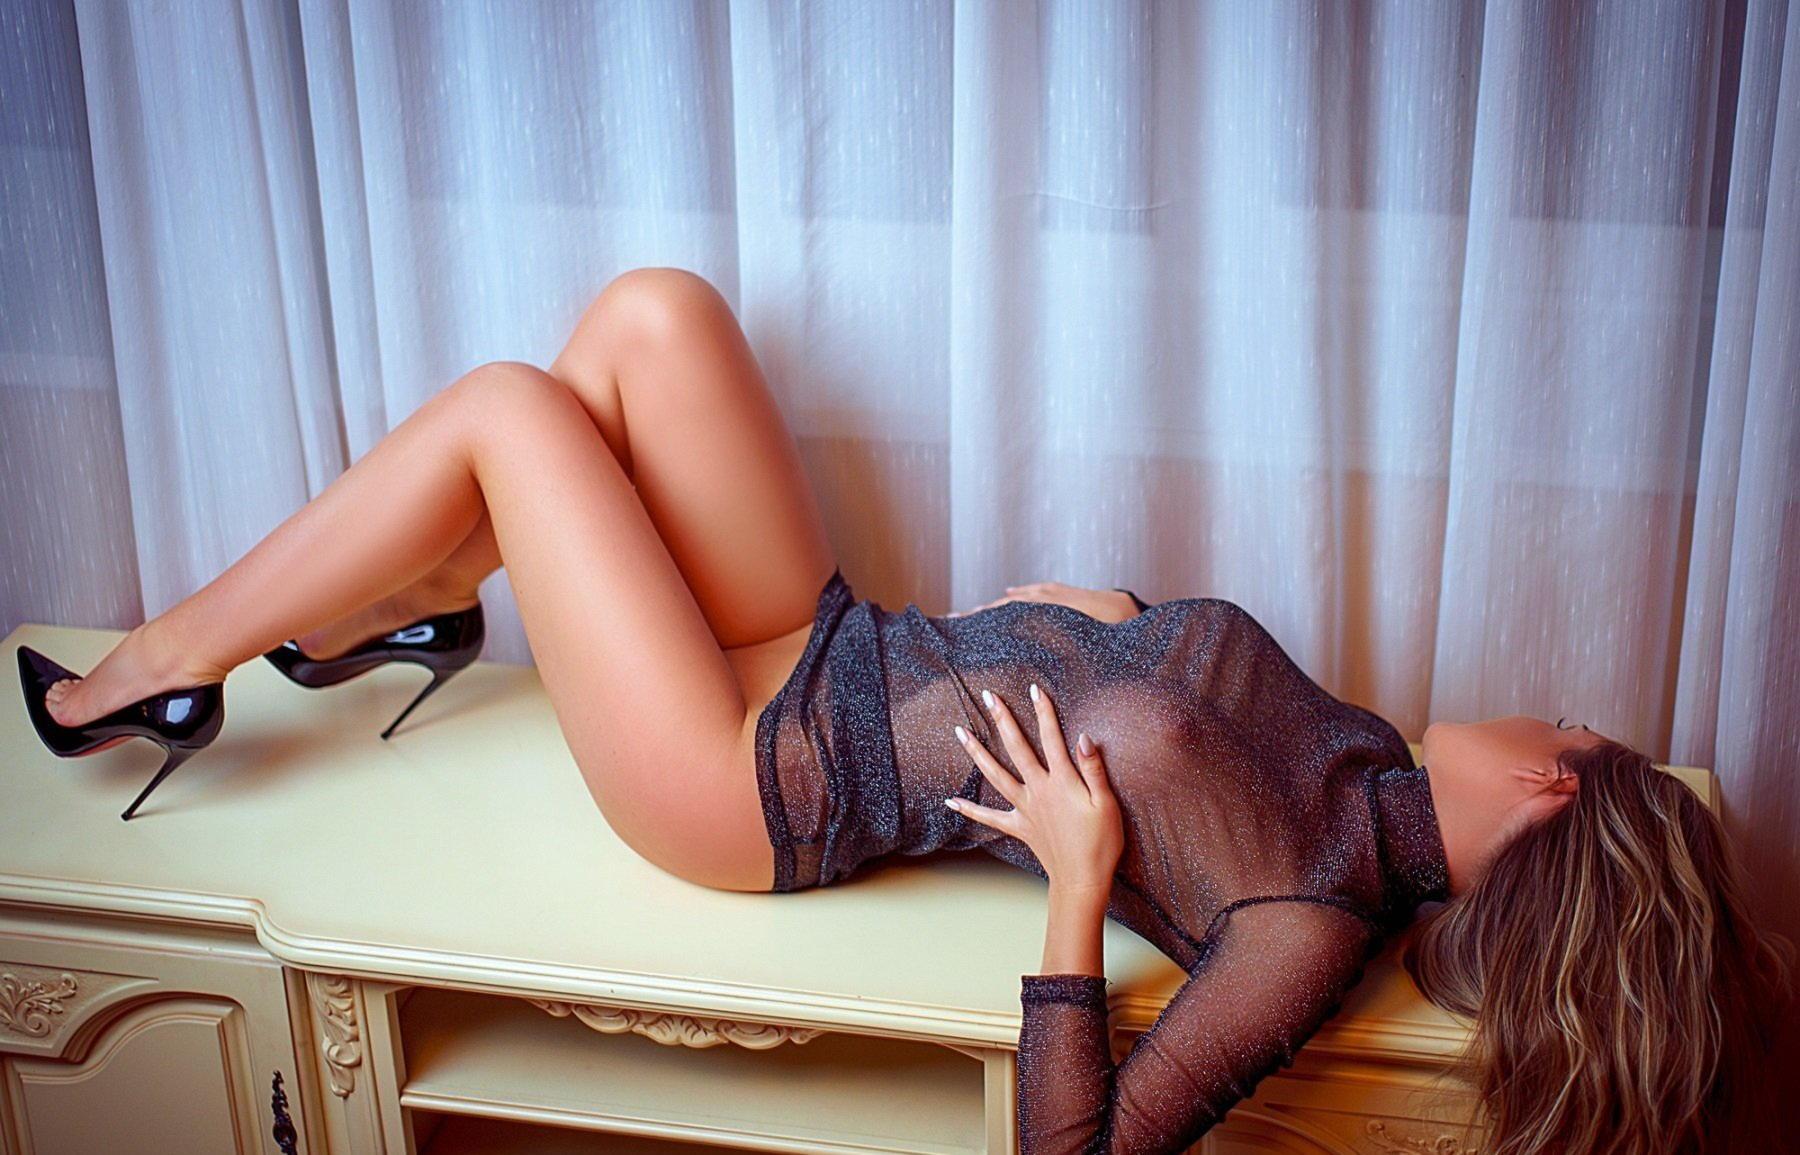 Проститутки кз телефоны проституток оренбург